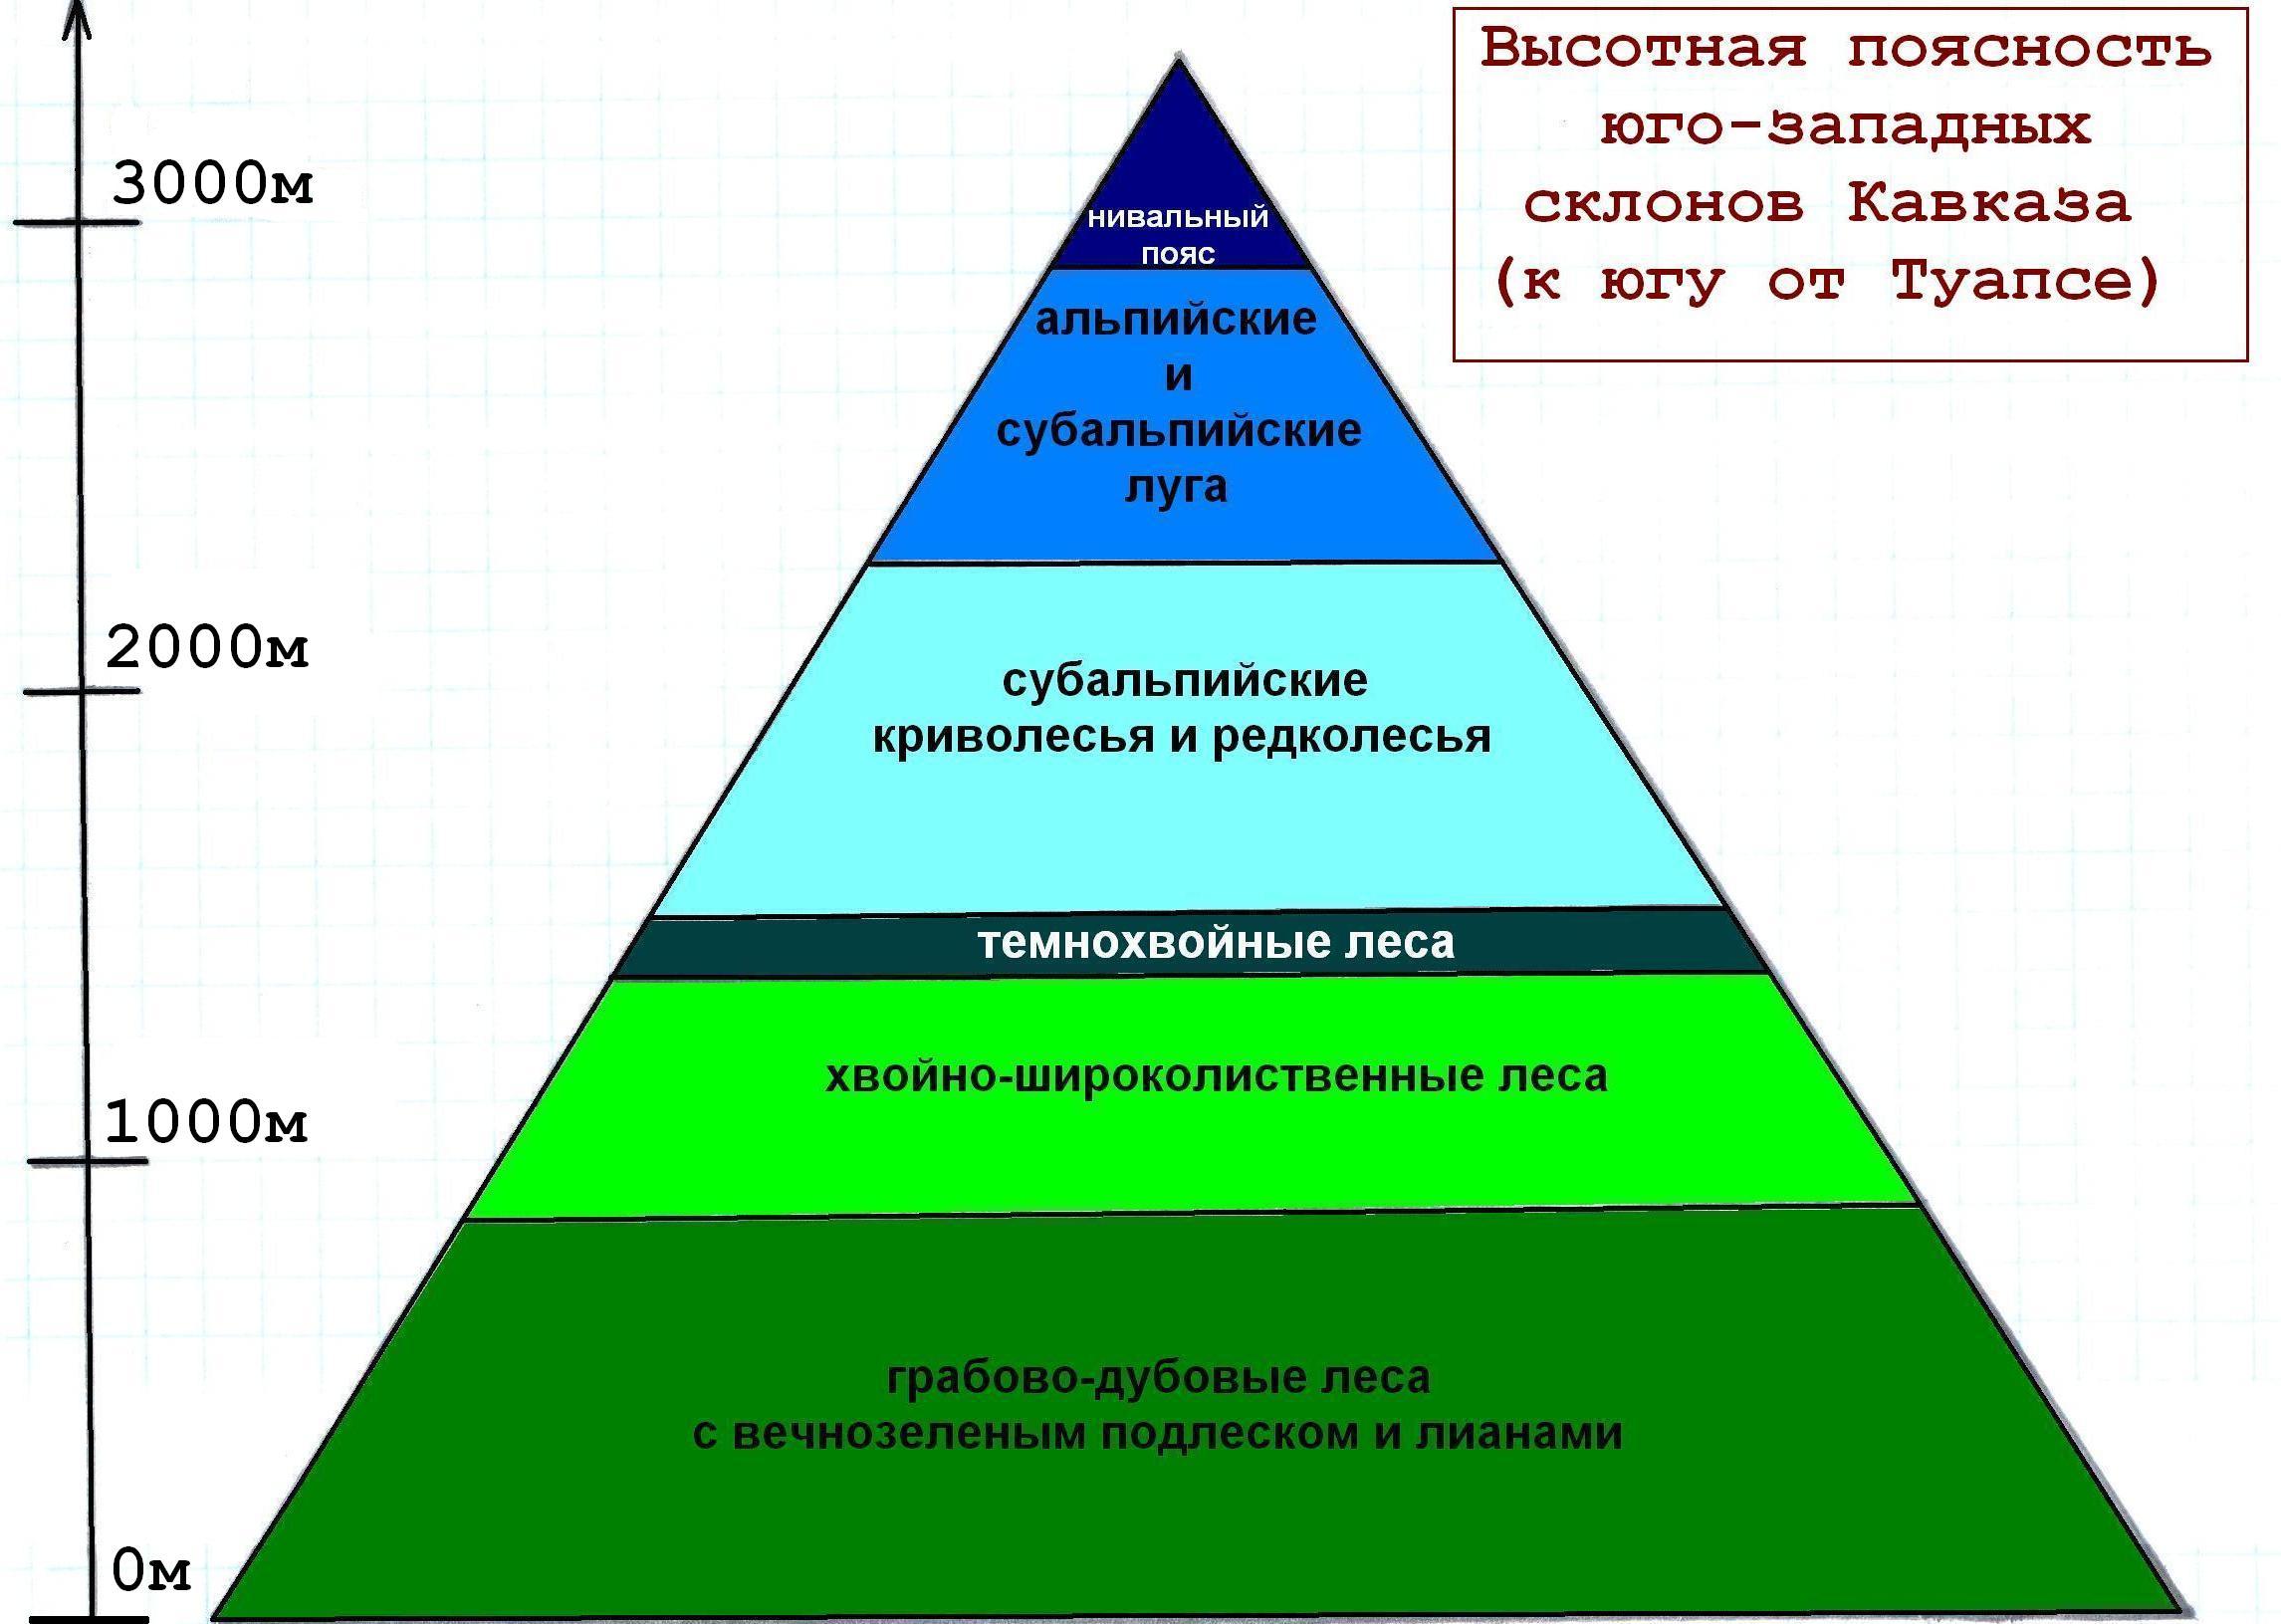 субтропическая зона россии черноморское побережье презентация